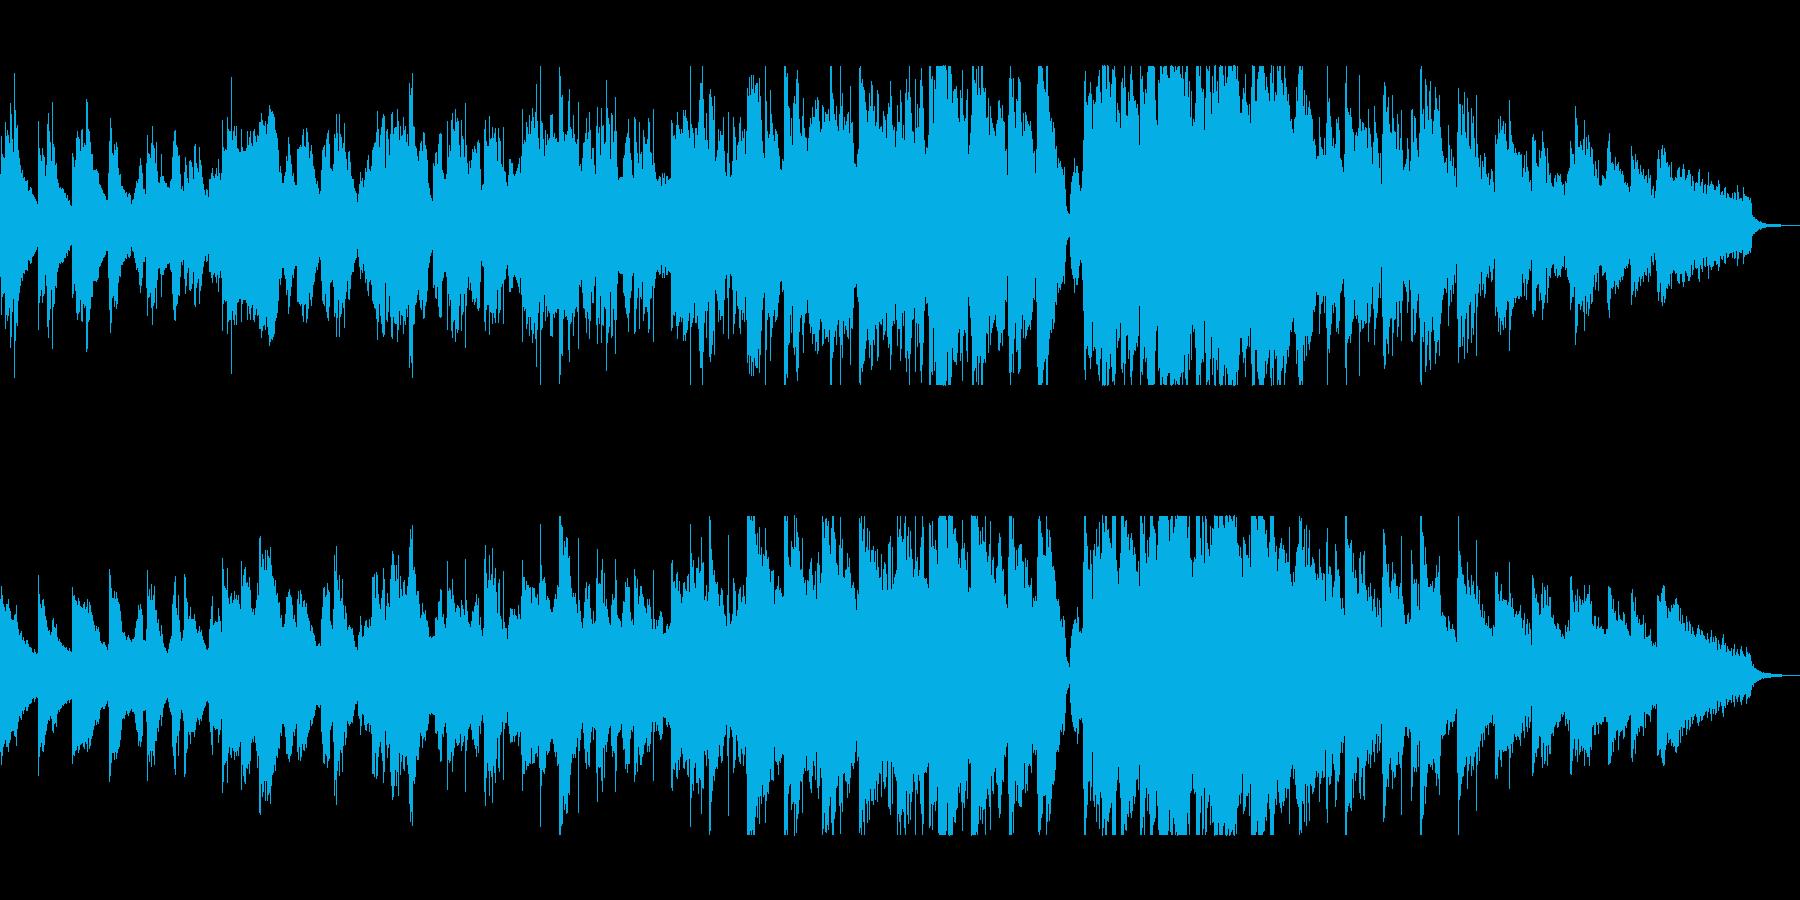 アコギとチェロのポップインストの再生済みの波形